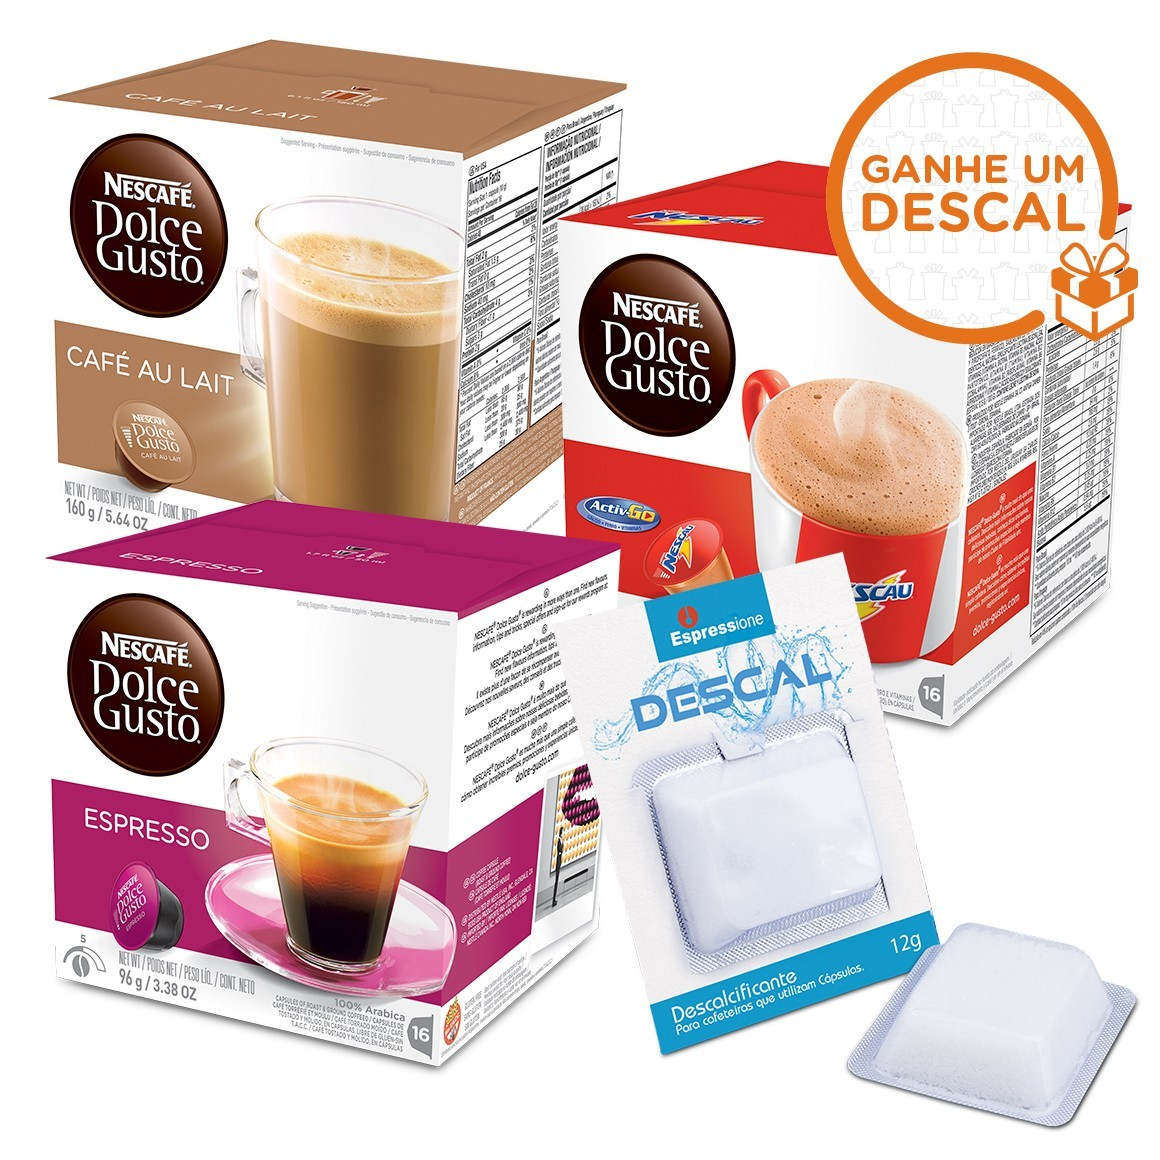 Kit 48 Cápsulas Nescafé Dolce Gusto Nestlé + Descalcificante para Cafeteiras de Cápsulas - 12gr